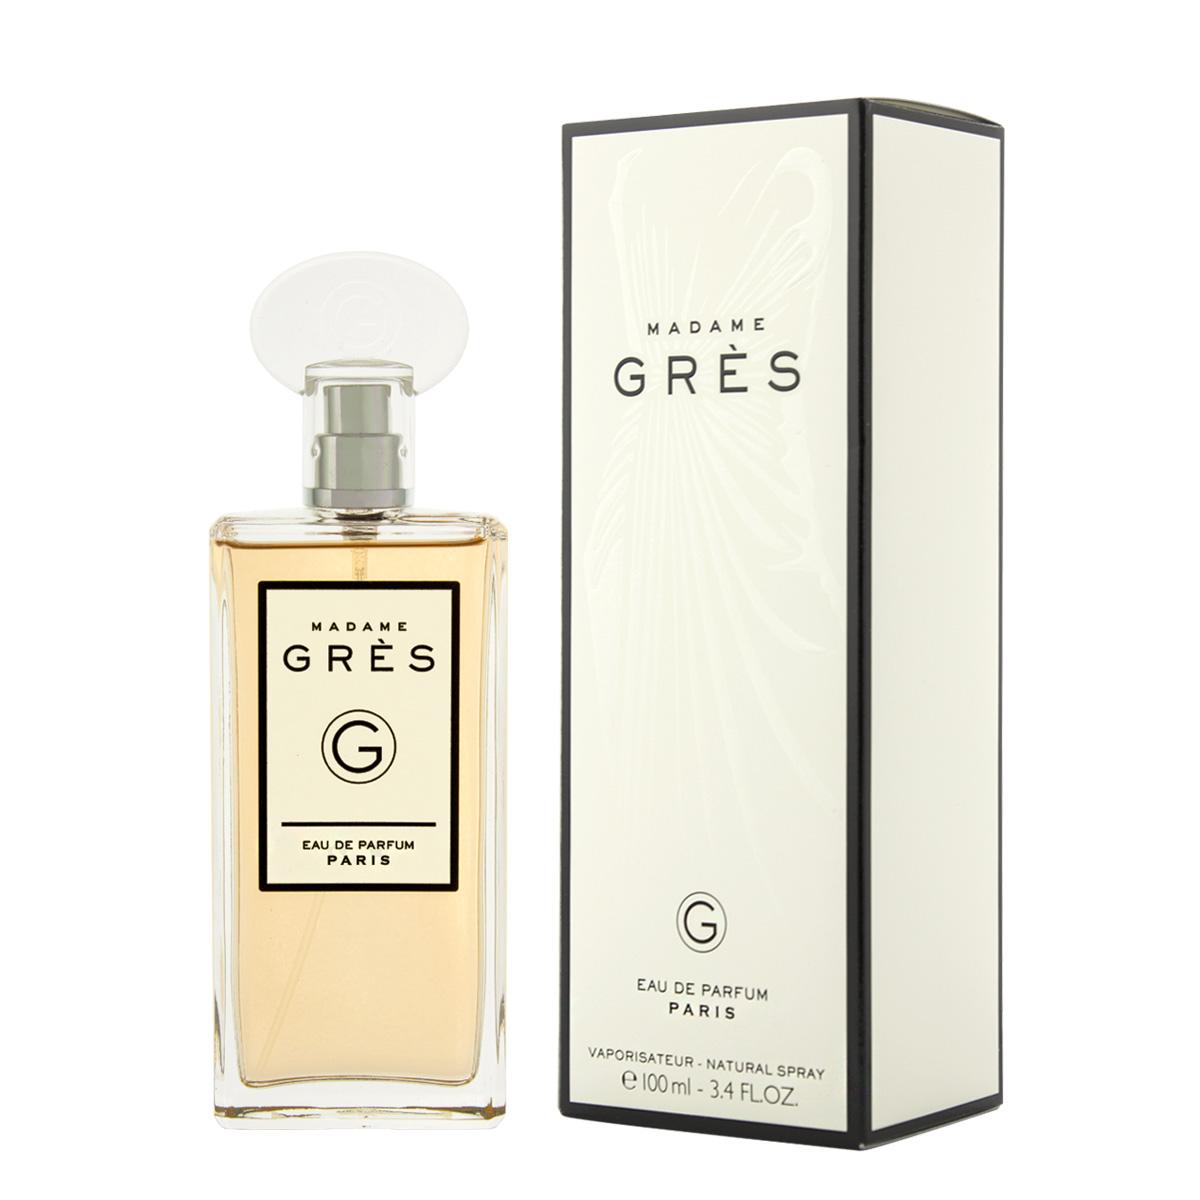 Gres Madame Grès Eau De Parfum 100 ml (woman) 75861